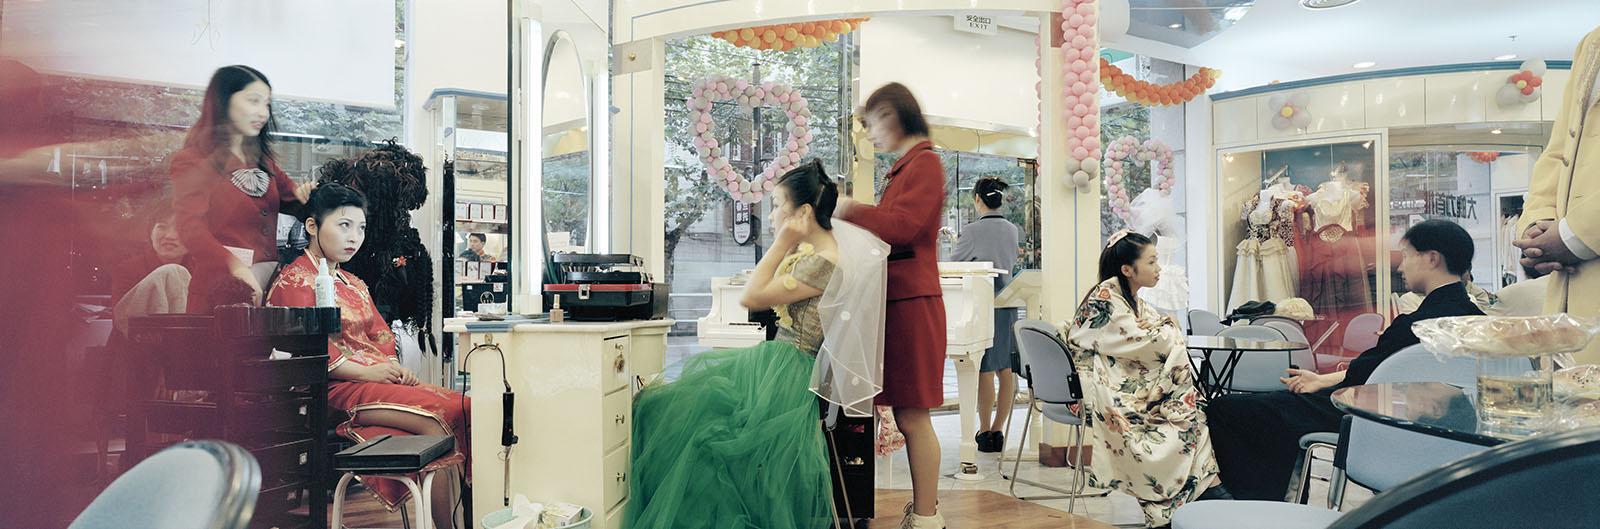 Zeng Nian,Dans un salon de mariage à Shanghai. 1999. Tirage jet d'encre sur papier INNOVA Exhibition Photo Baryta 310 gsm, 128.6X42.5cm / 02/15